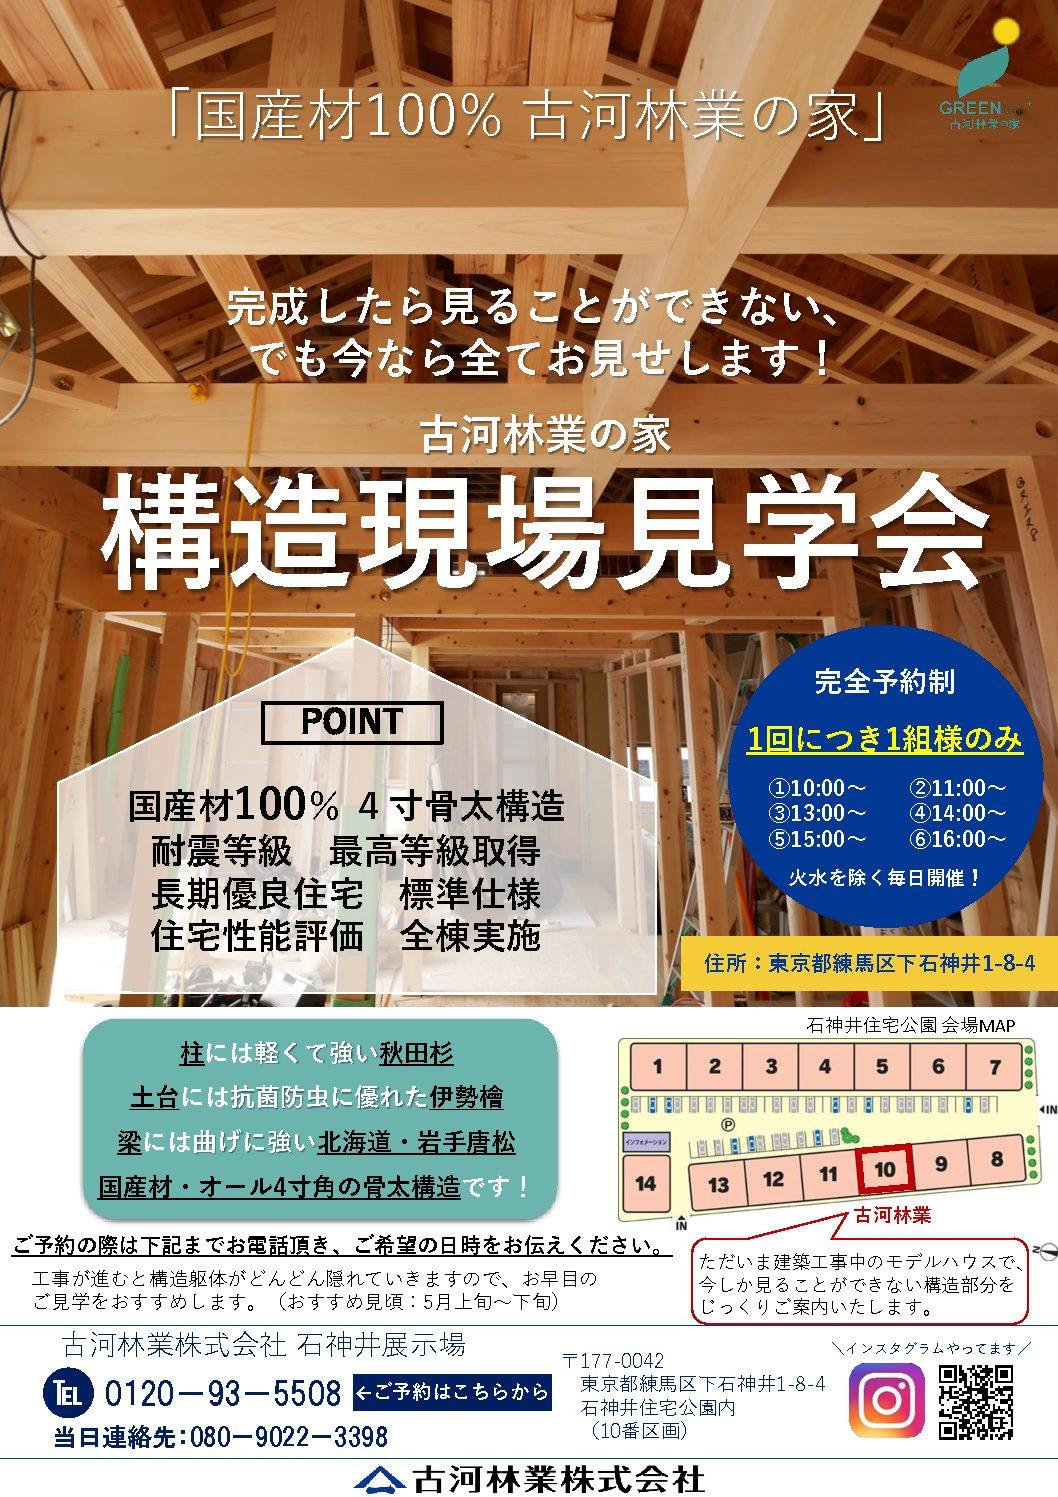 新展示場!構造現場見学会、開催中!!【石神井・立川】